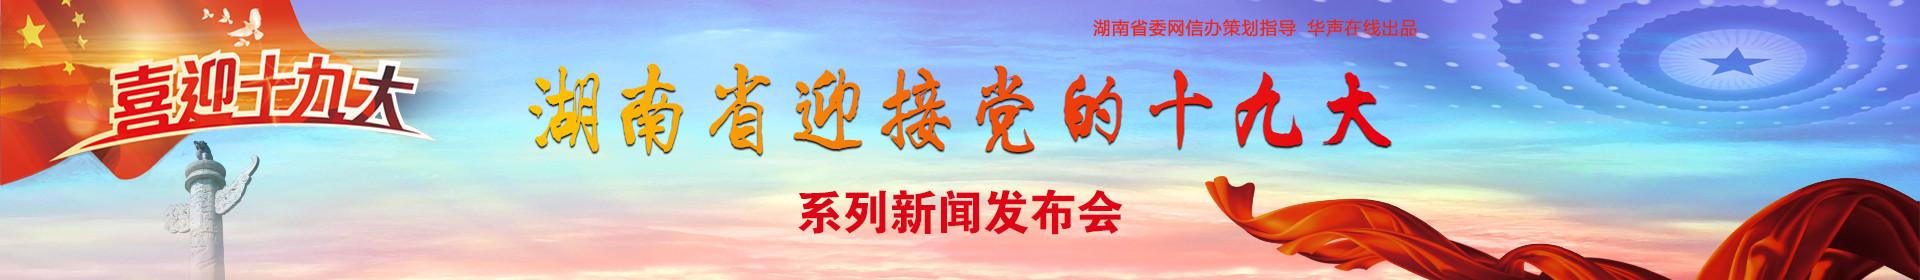 湖南省迎接党的十九大系列新闻发布会